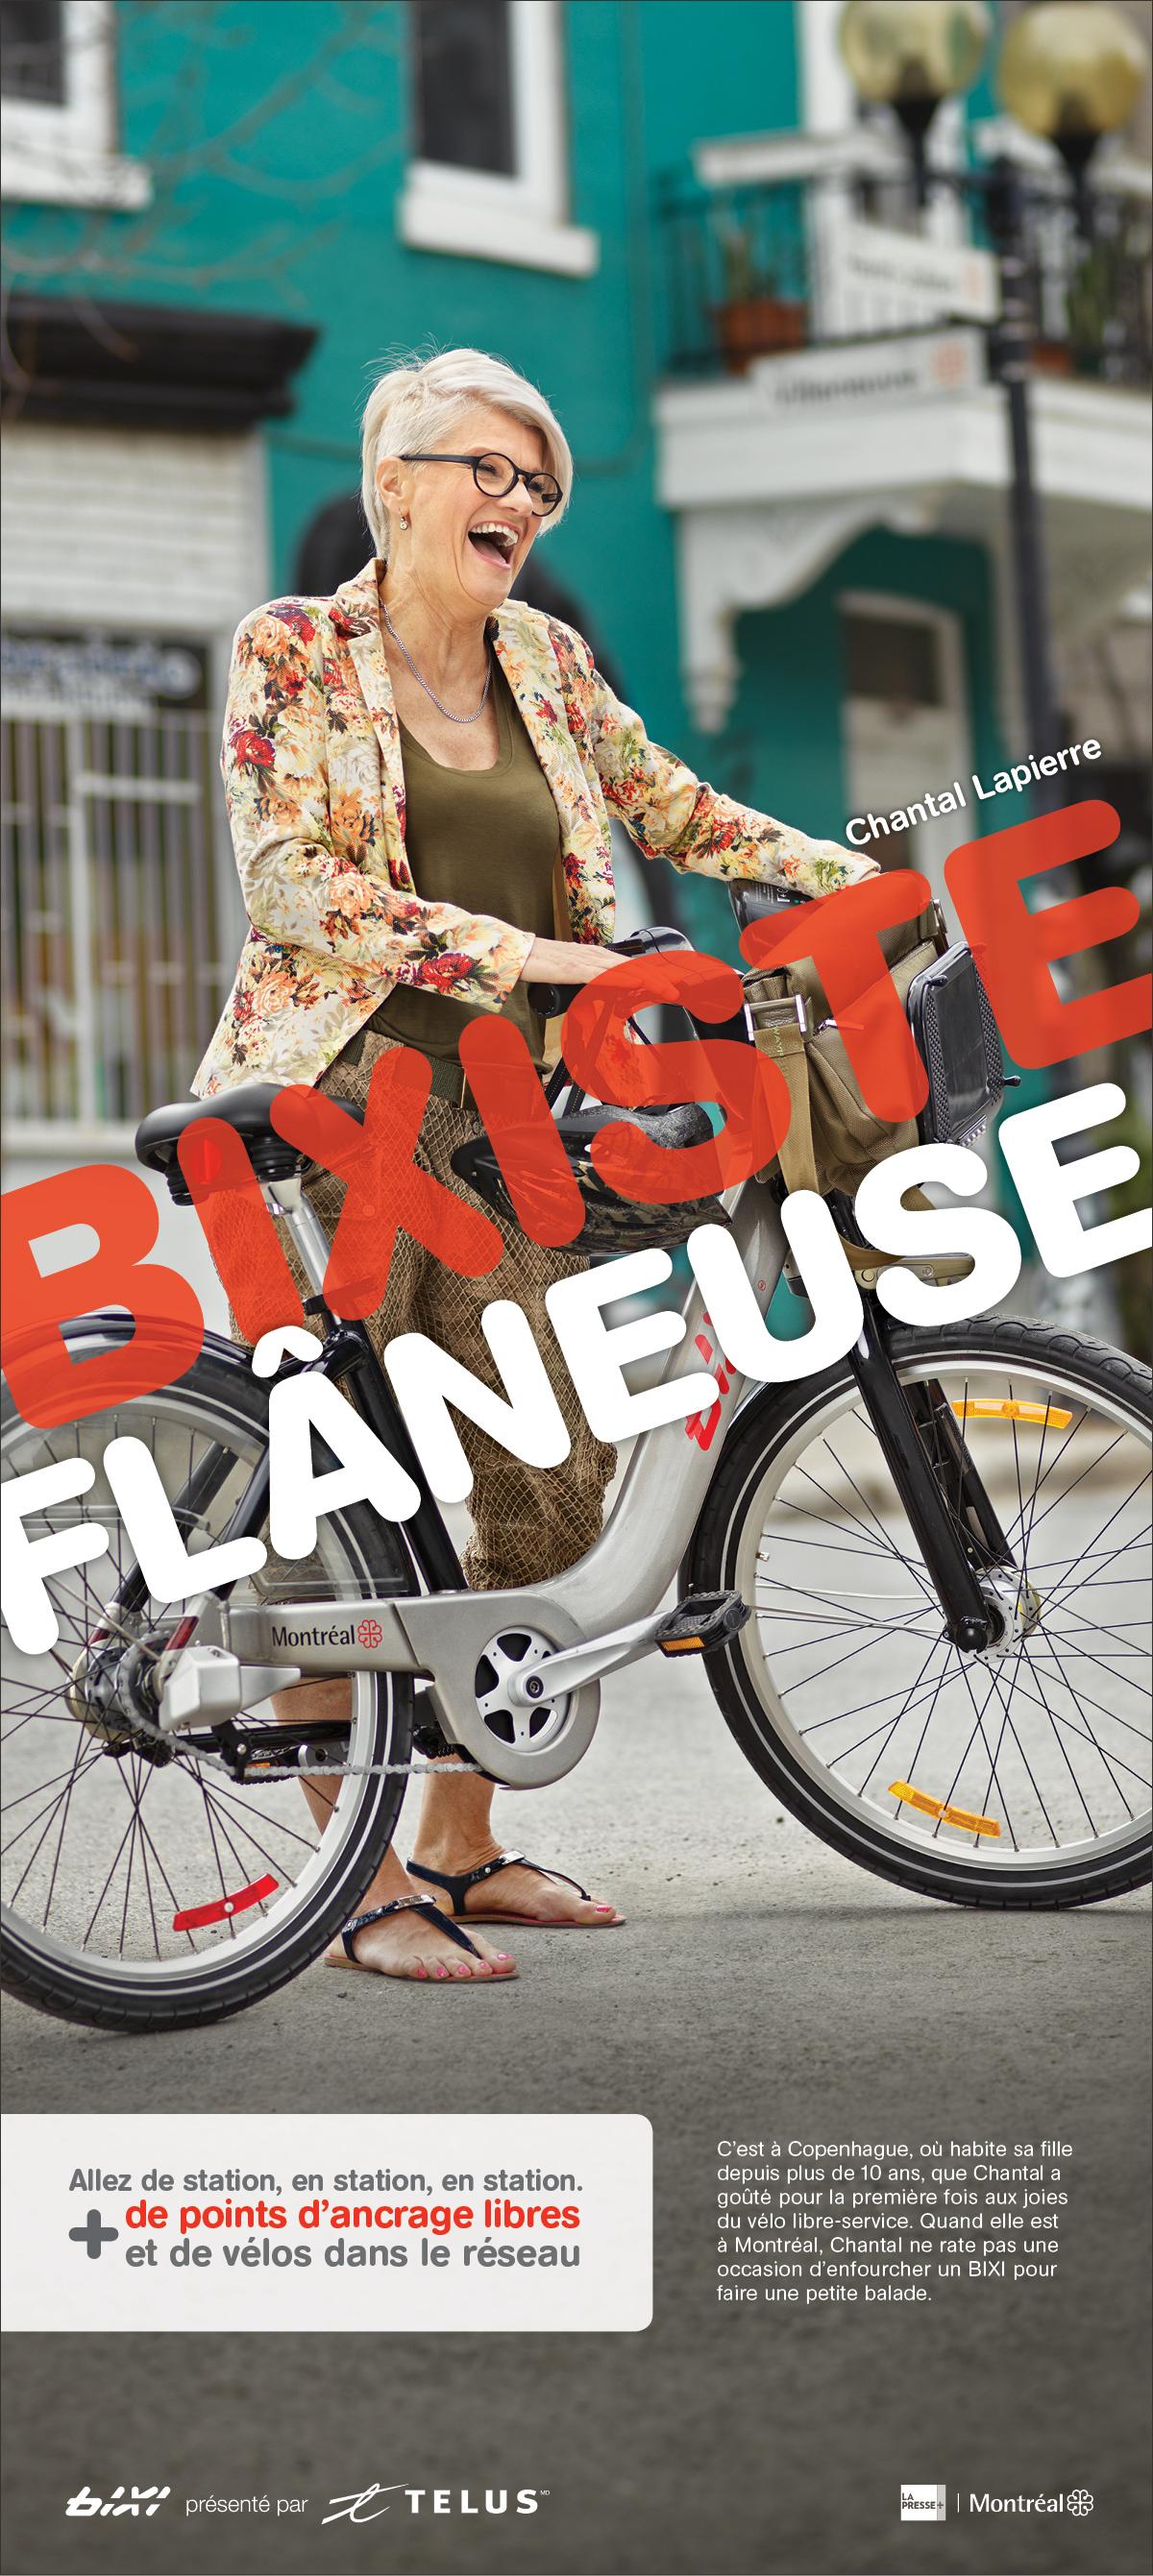 BIX-Flaneuse-005